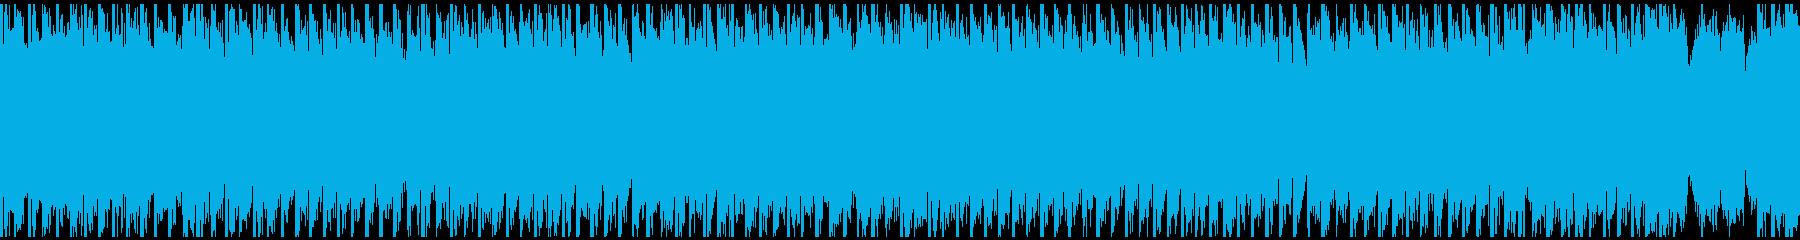 夏のパーティー(ループ)の再生済みの波形